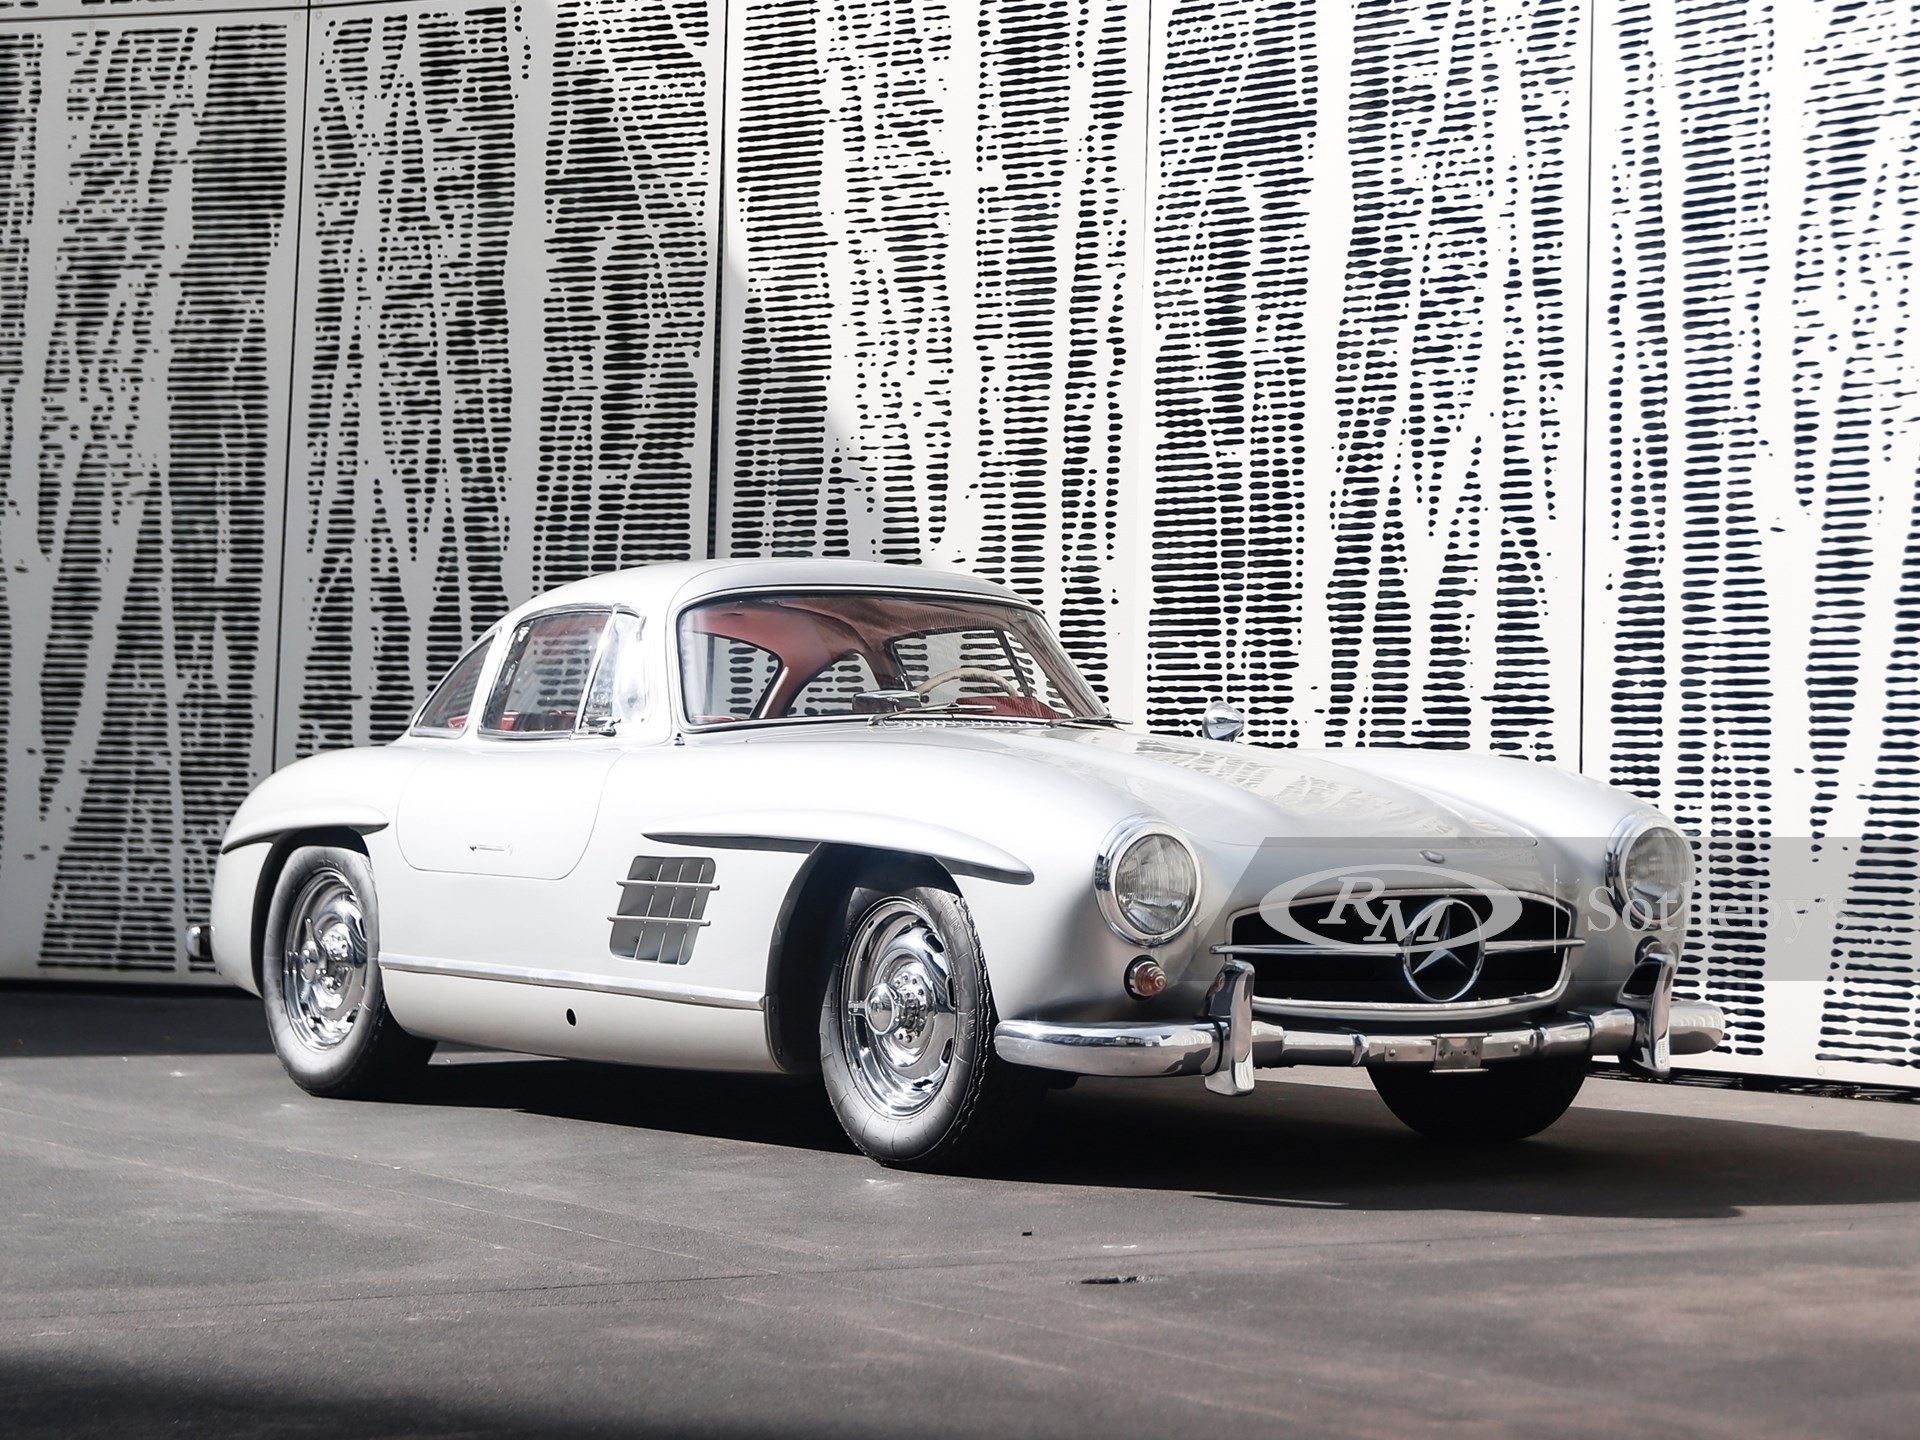 1955 Mercedes-Benz 300 SL Gullwing (Dario Fontana ©2021 Courtesy of RM Sotheby's)